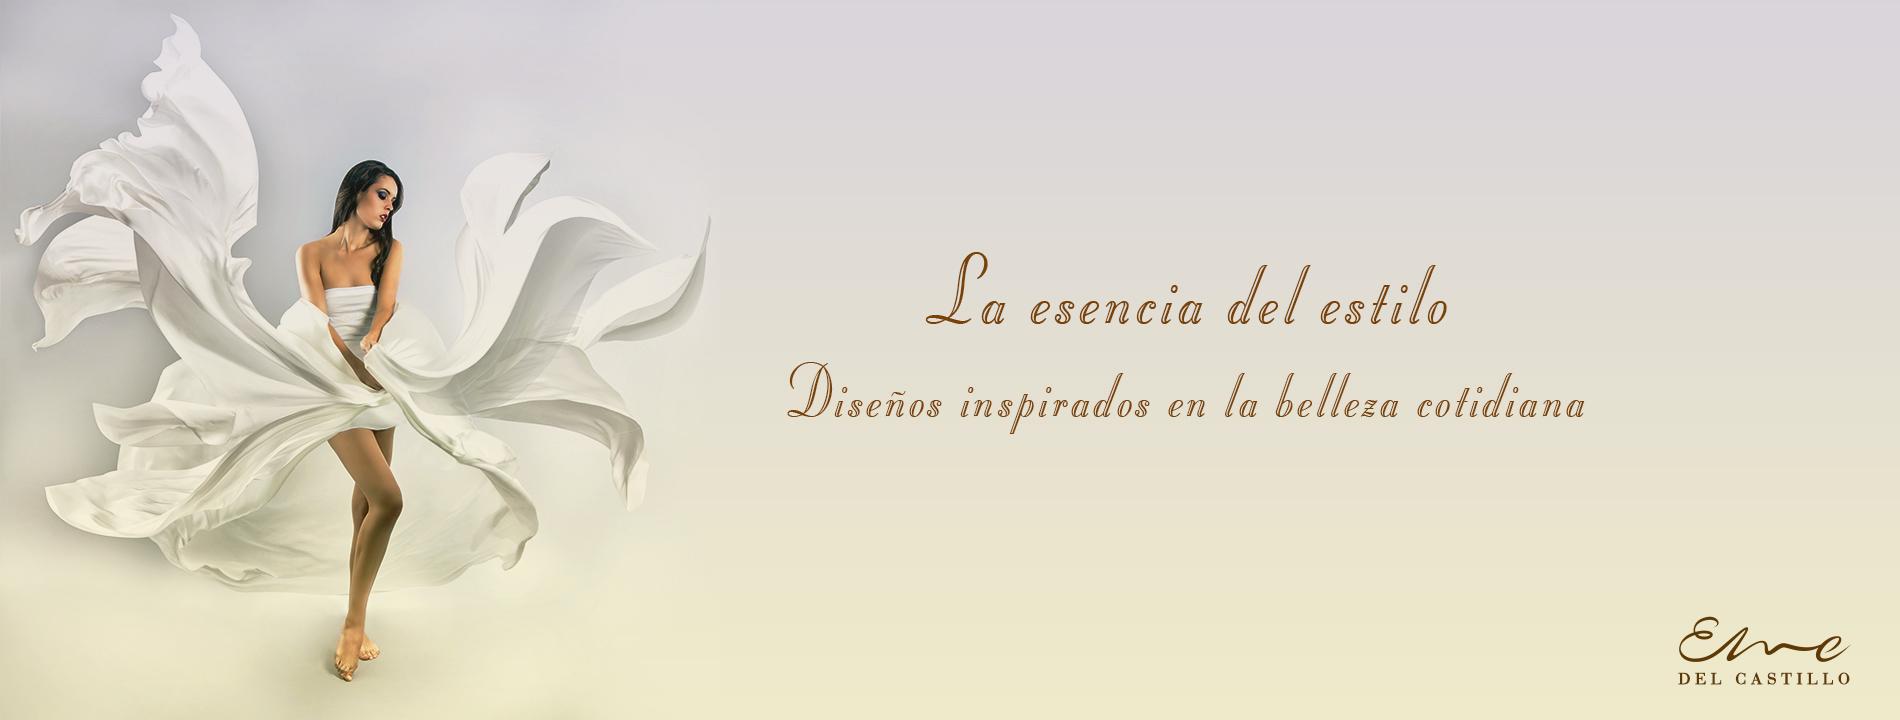 Eme del Castillo 2